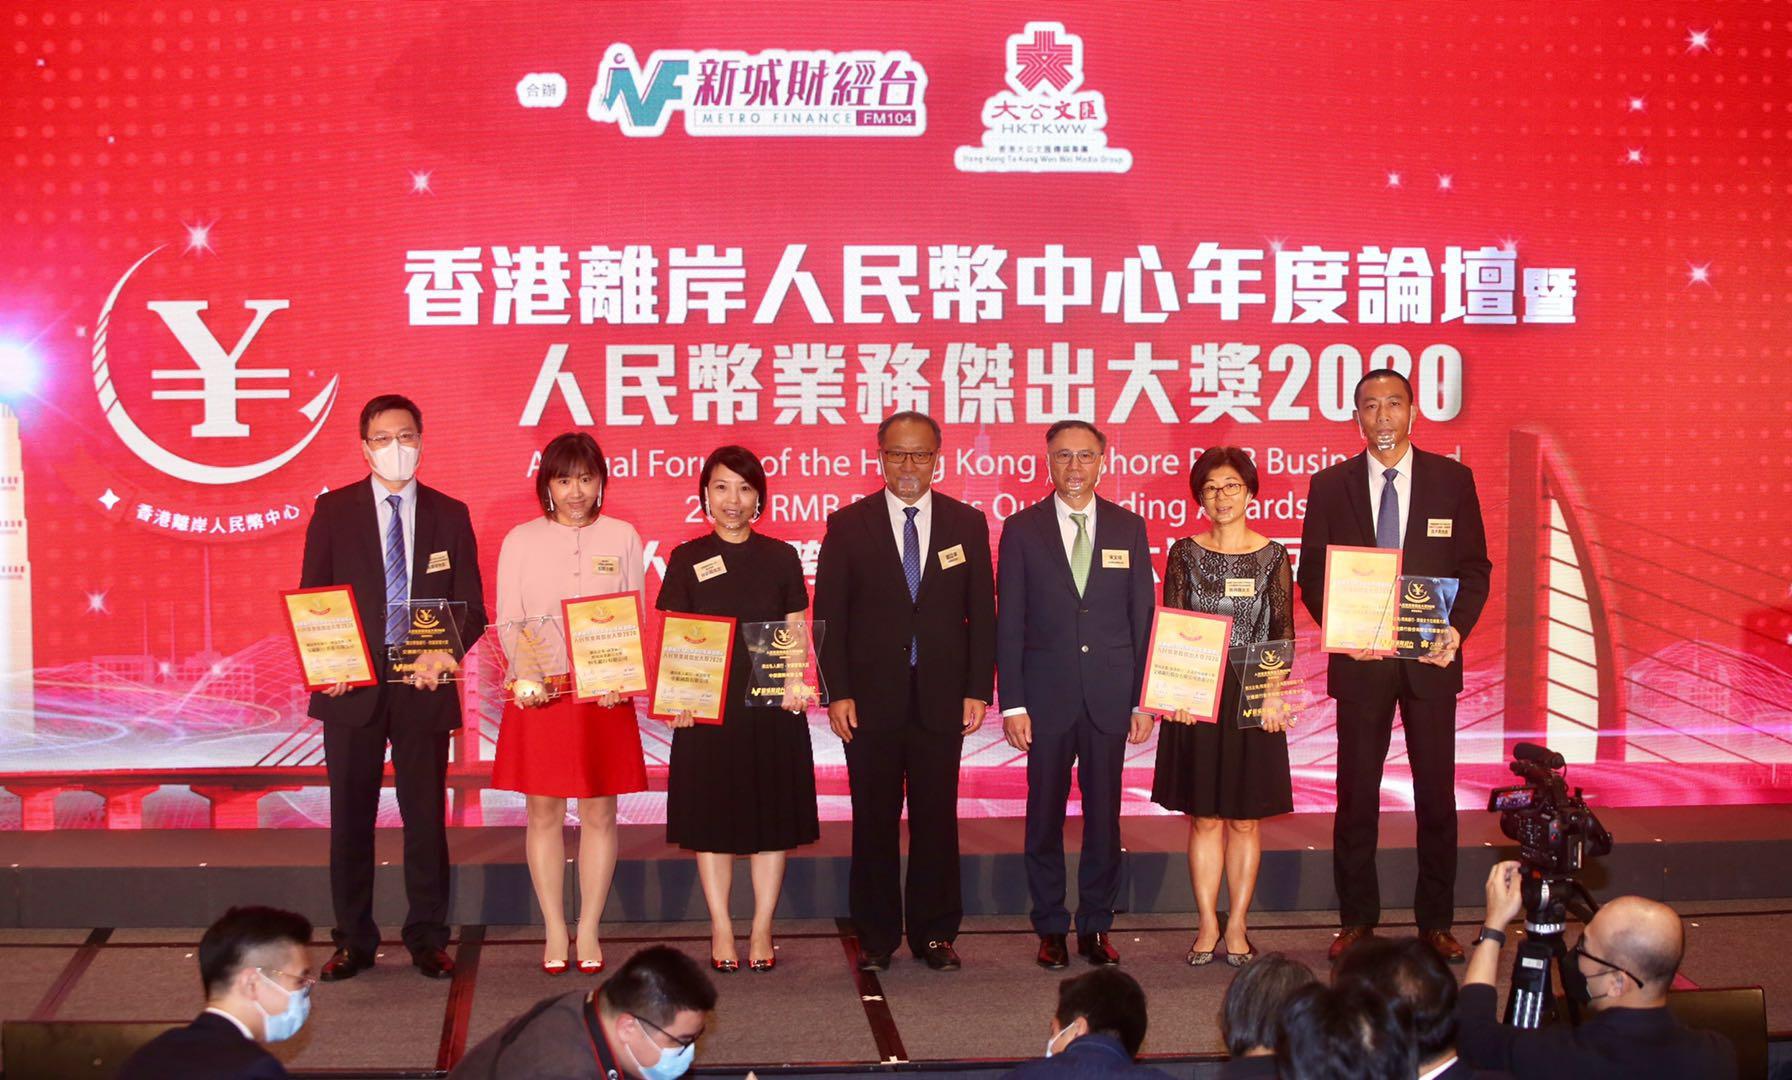 由香港大公文匯傳媒集團及新城財經台合辦的「香港離岸人民幣中心年度論壇暨人民幣業務傑出大獎2020」及「灣區企業可持續發展大獎2020」,8日下午在灣仔會展舉行。